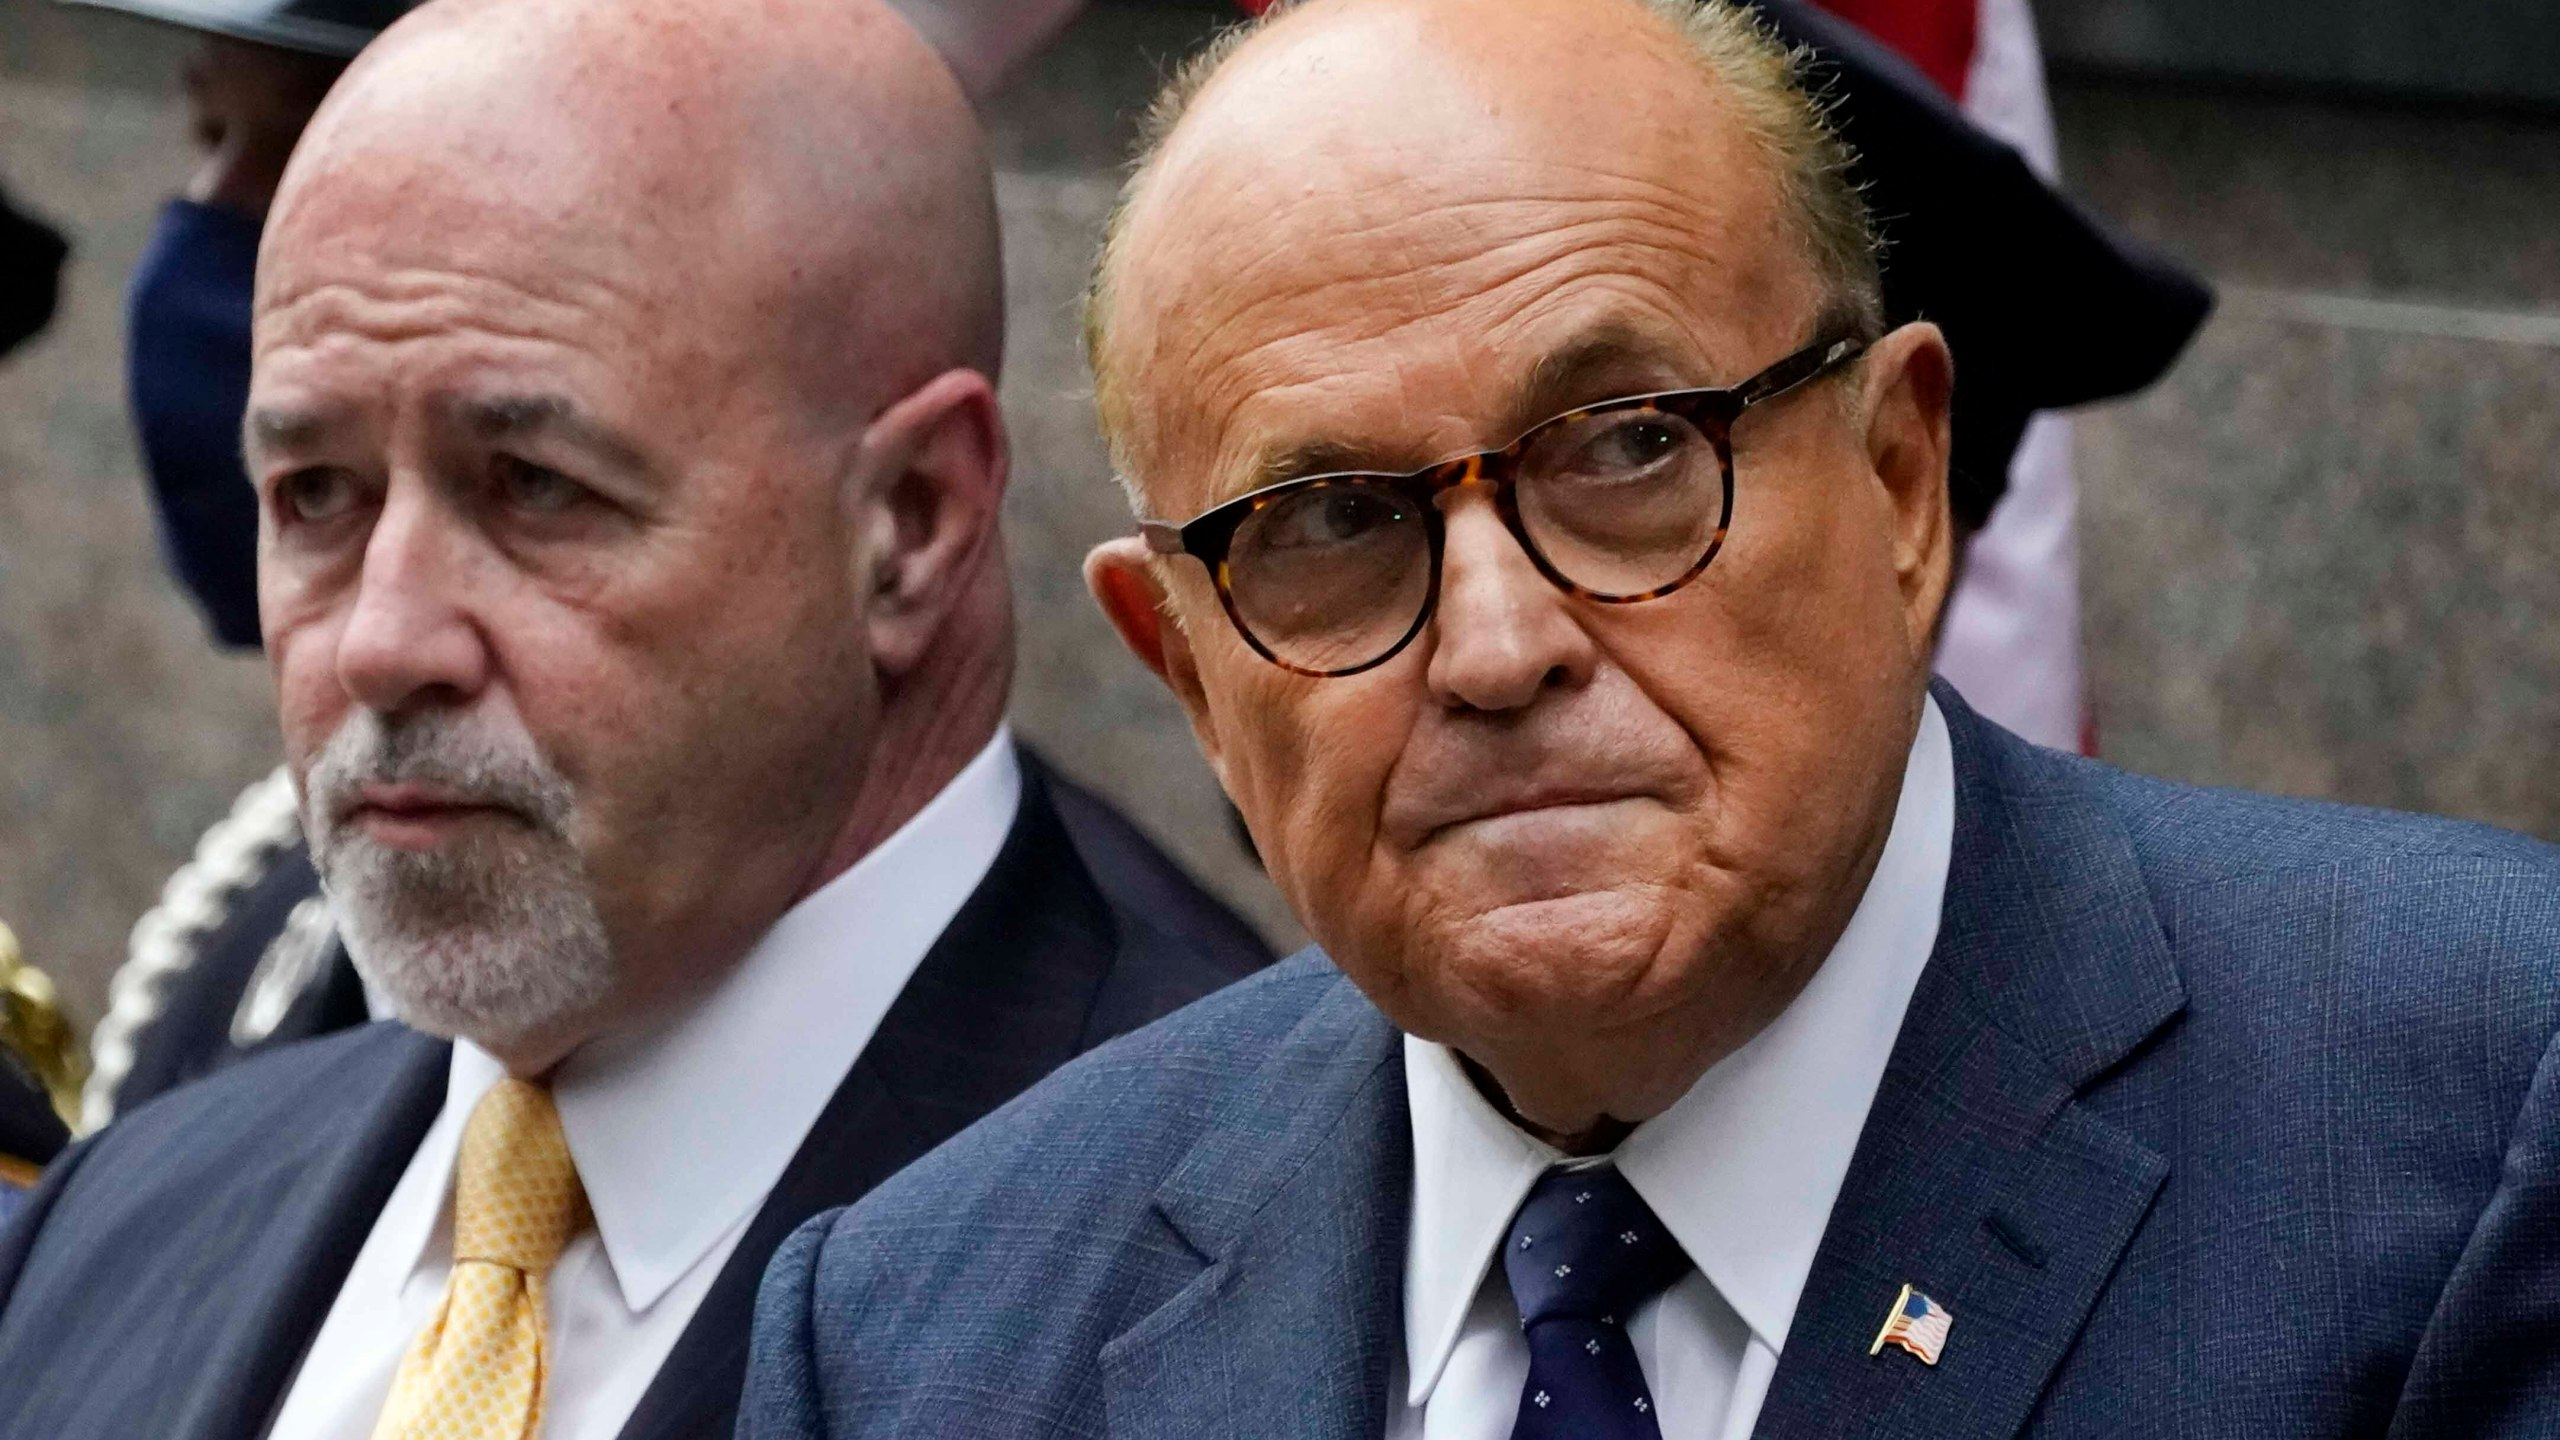 Rudolph Giuliani, Bernard Kerik